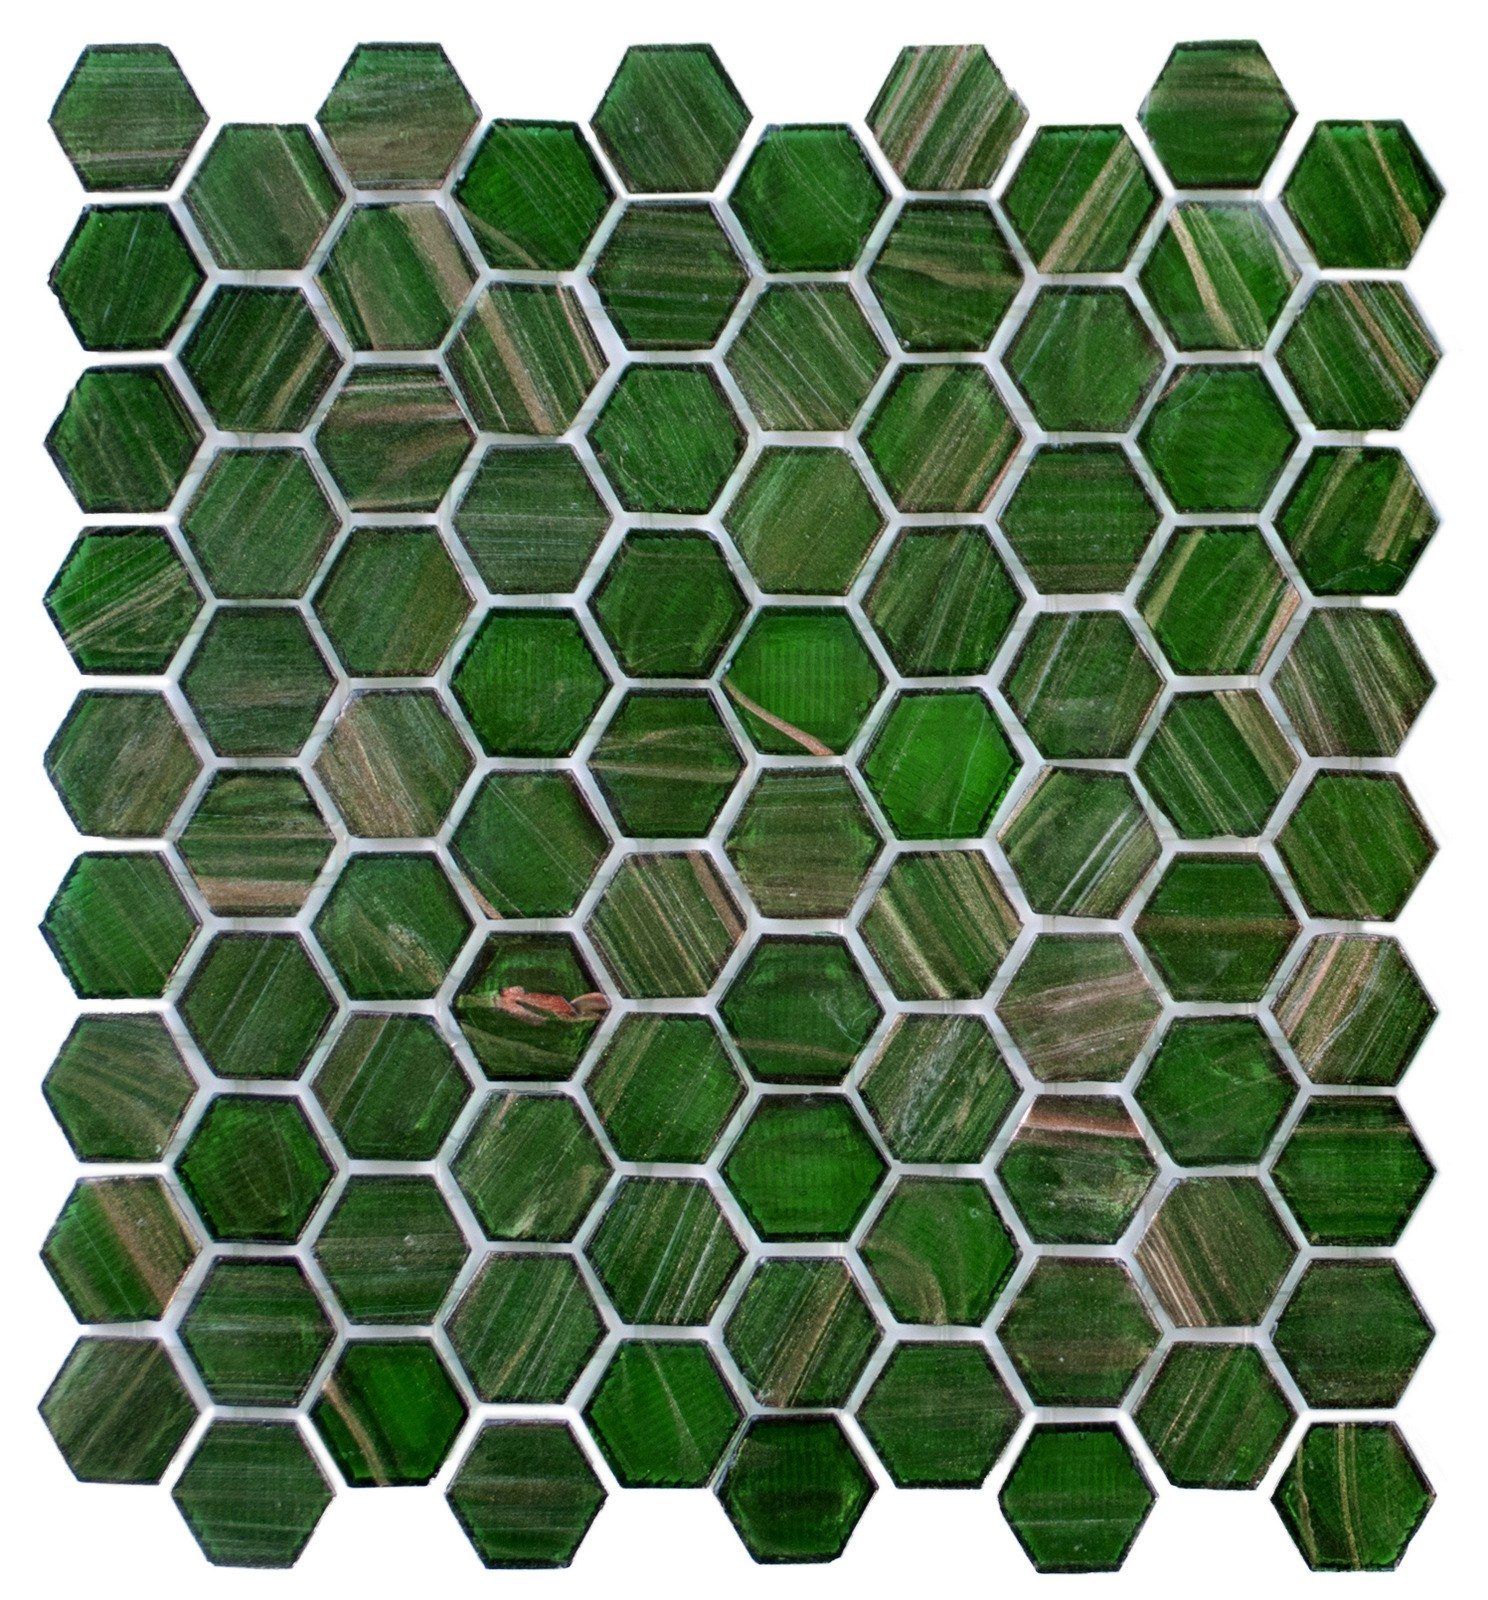 Trend Hexagonal